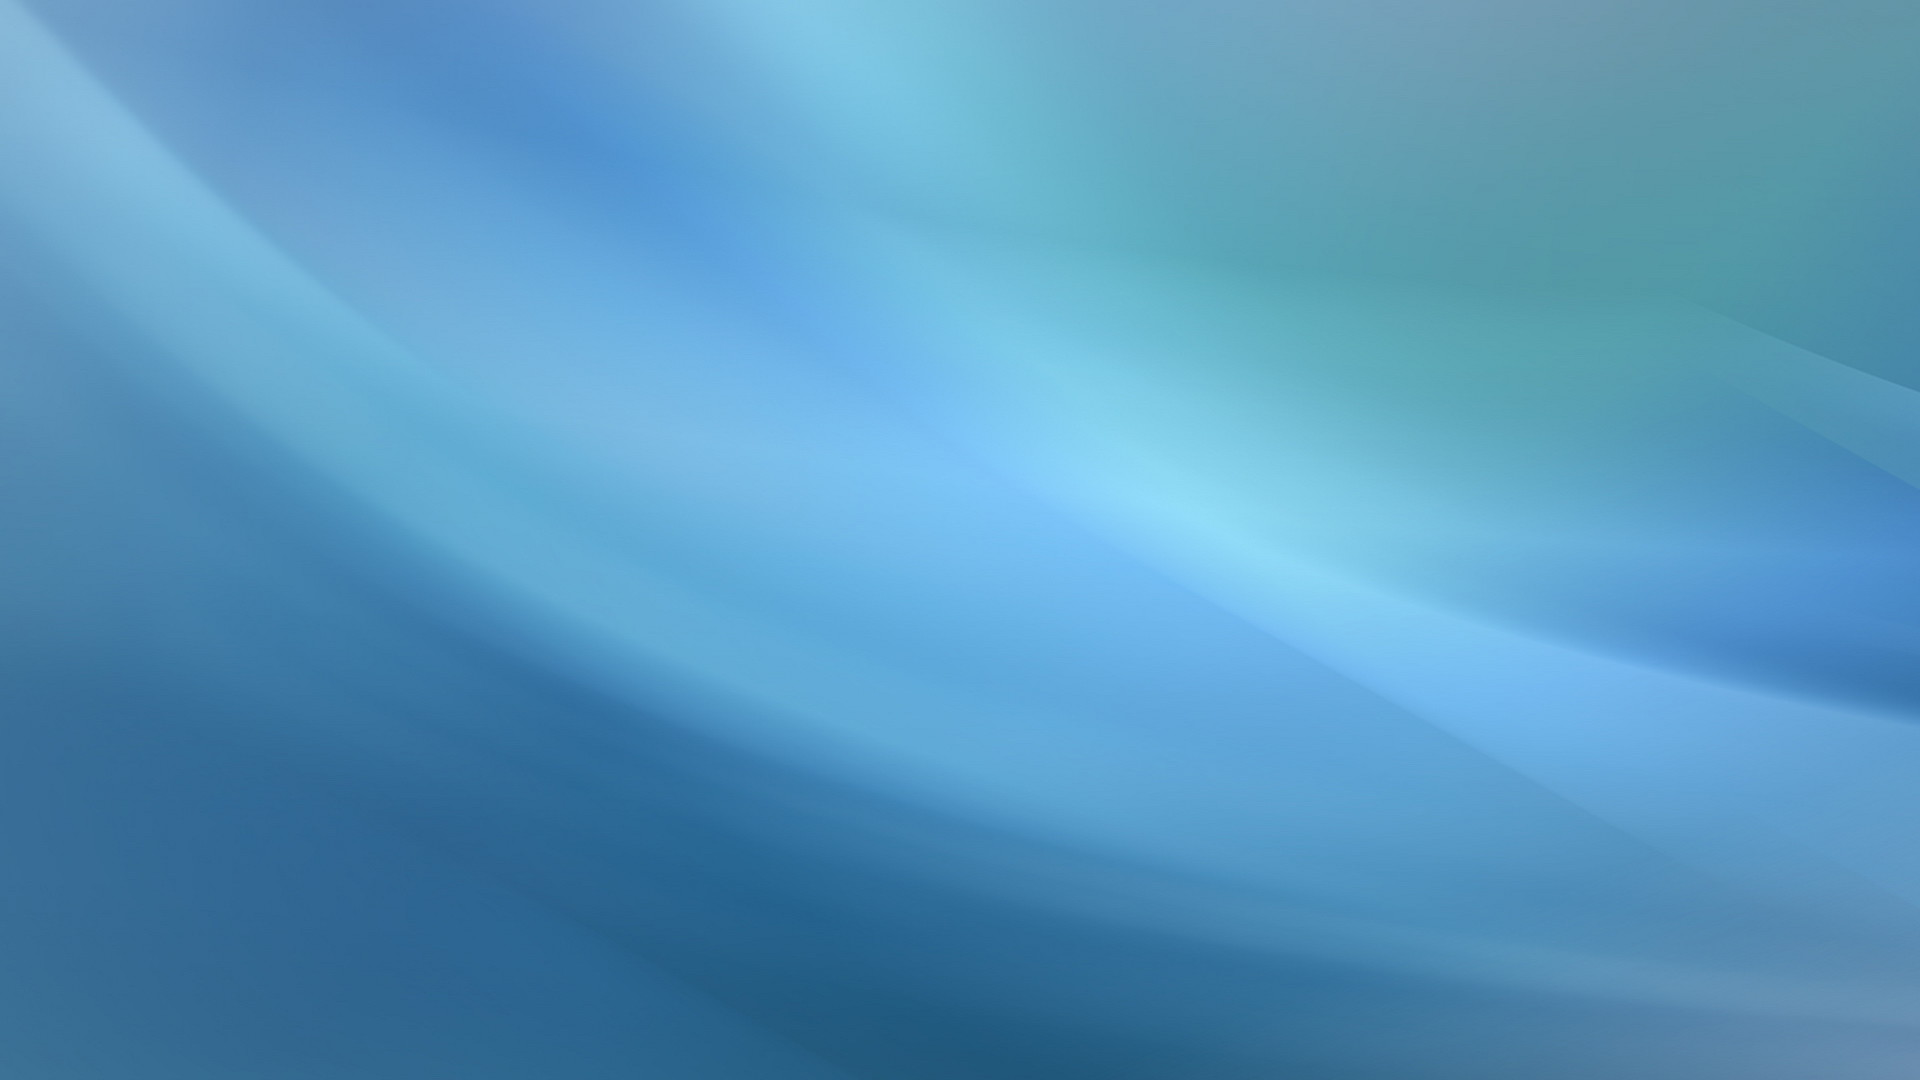 Light Blue Computer Wallpapers, Desktop Backgrounds | | ID .